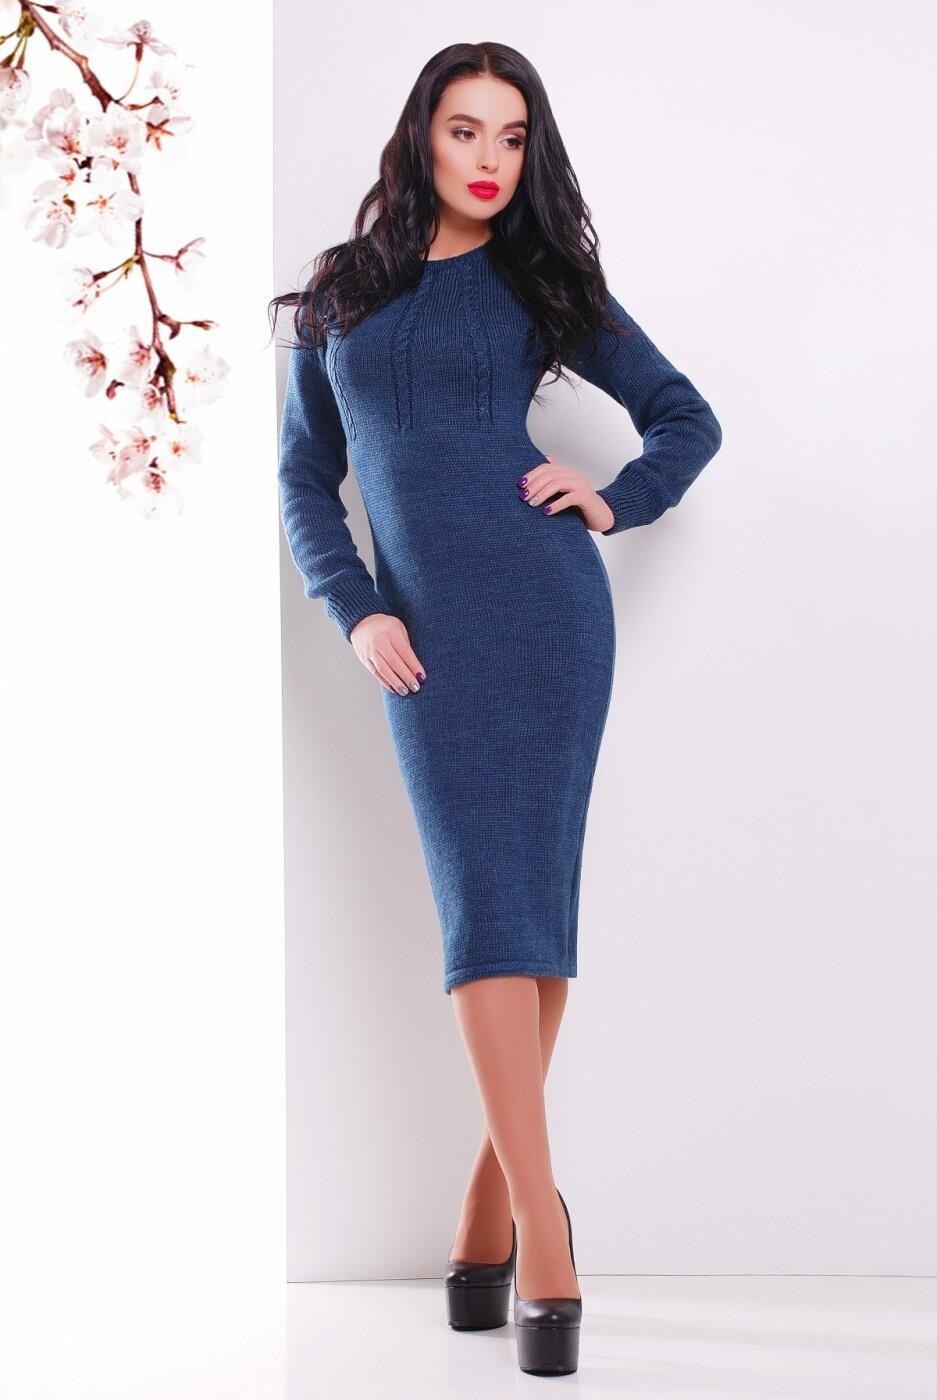 Вязаное Платье 137 джинс от MarSe, цвет джинс